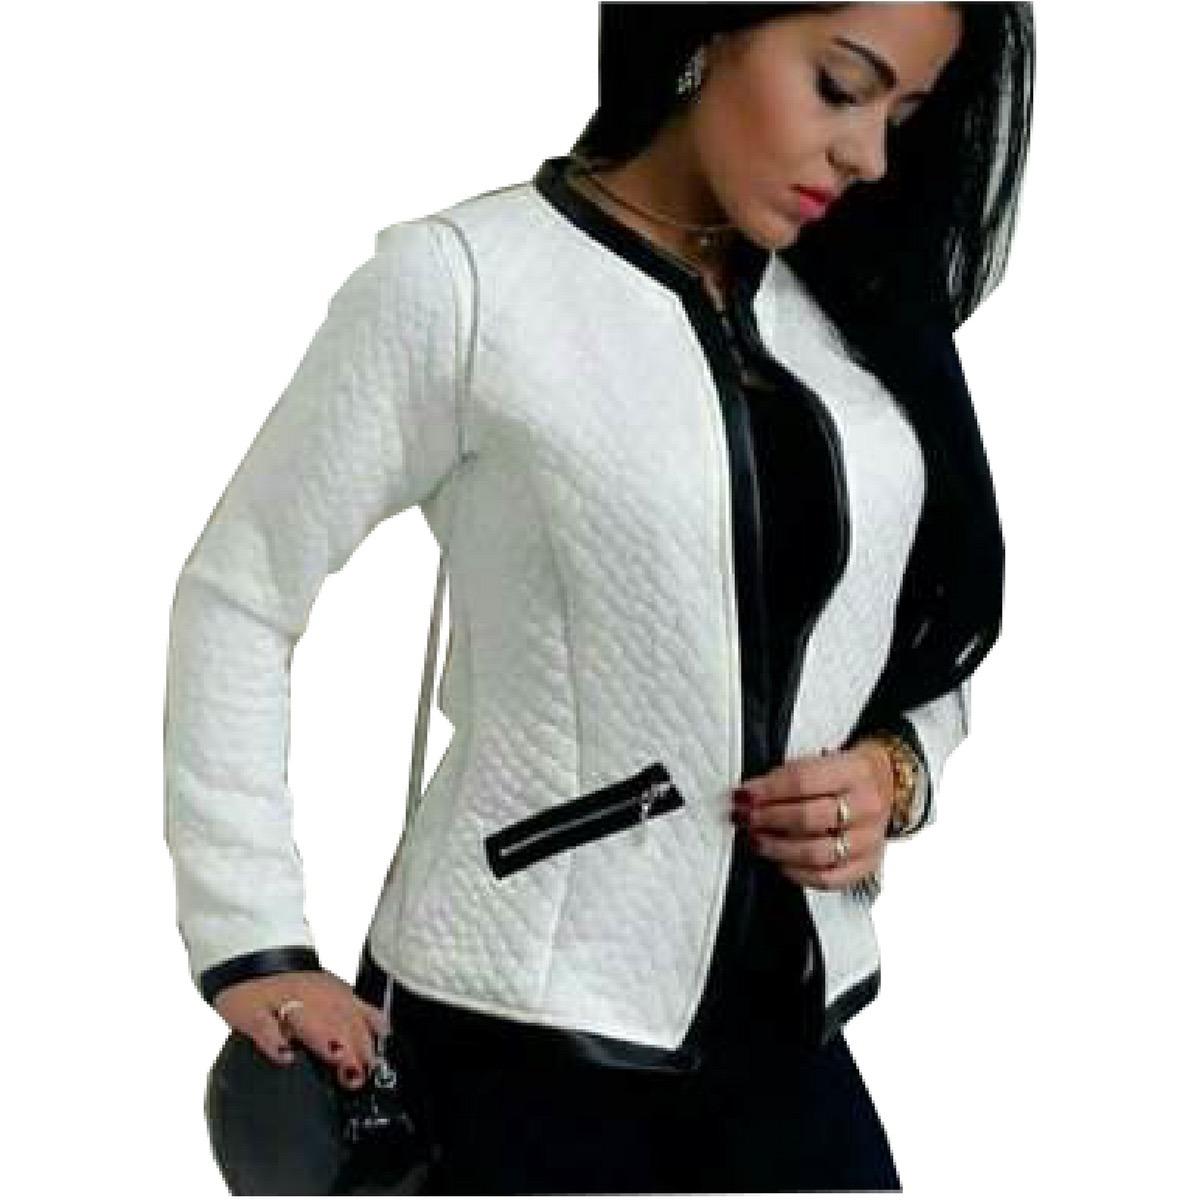 a919e941e Blazer Casaco Jaqueta Matelassê Feminino Inverno - R$ 85,00 em ...